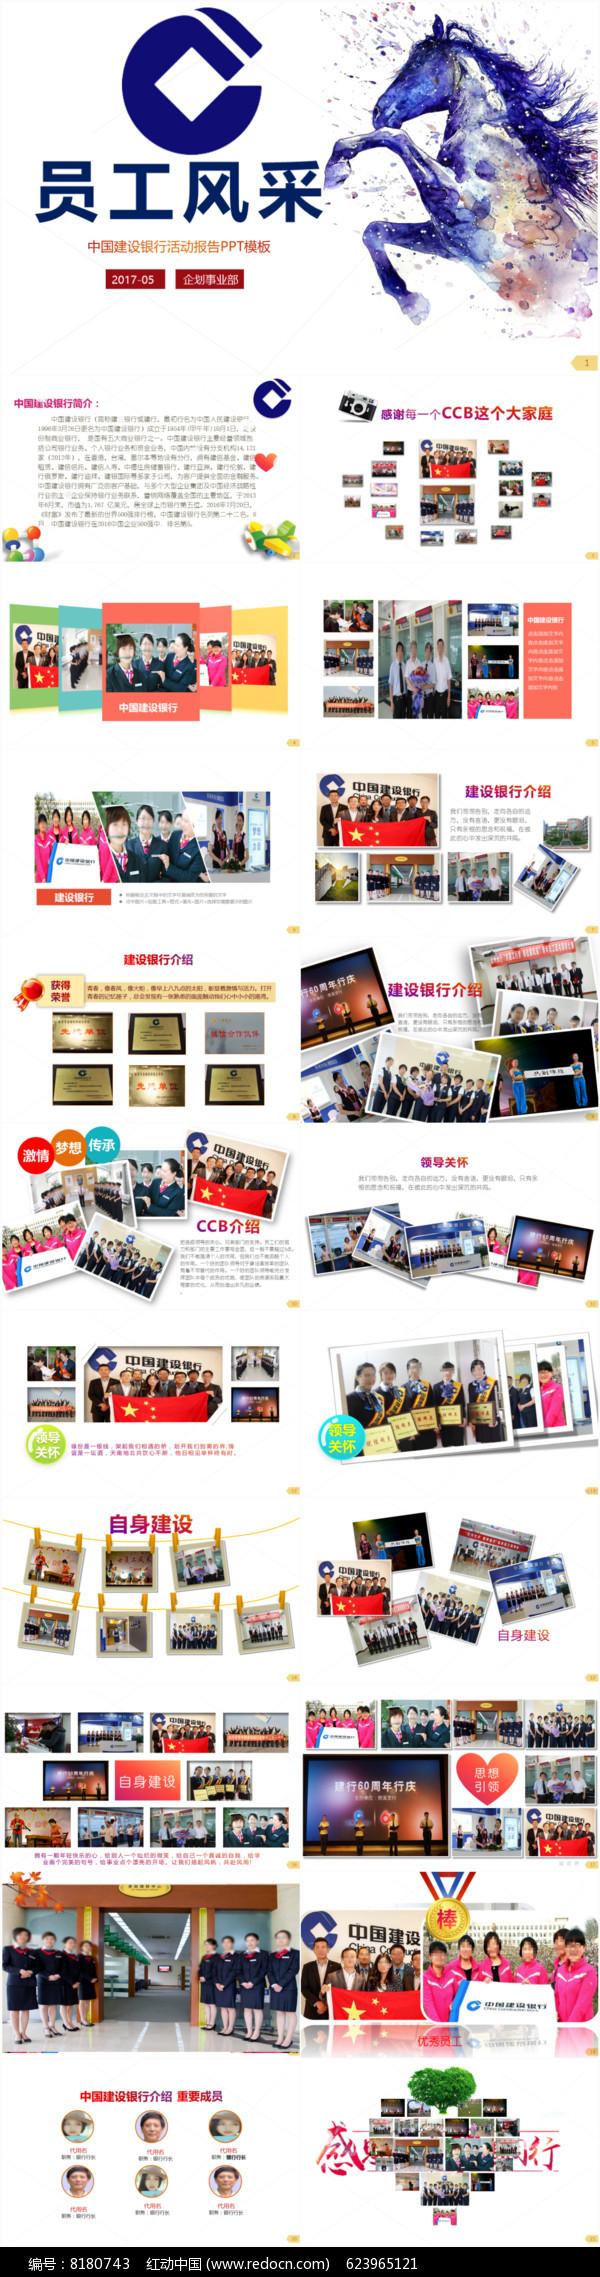 中国建设银行照片员工风采总结汇报PPT模板图片